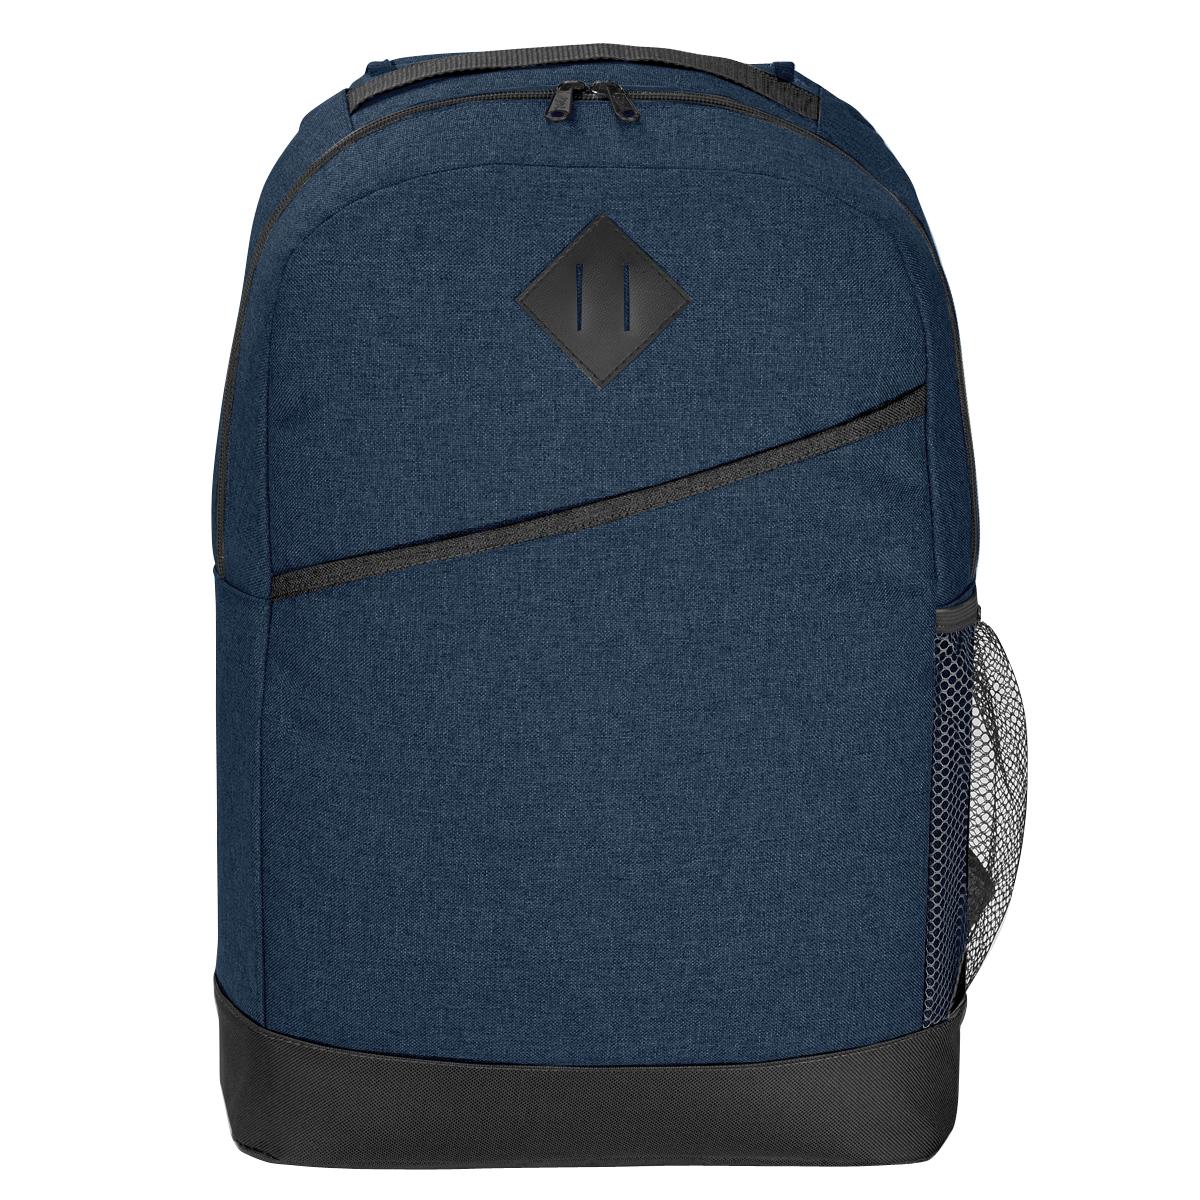 3003 - Backpack